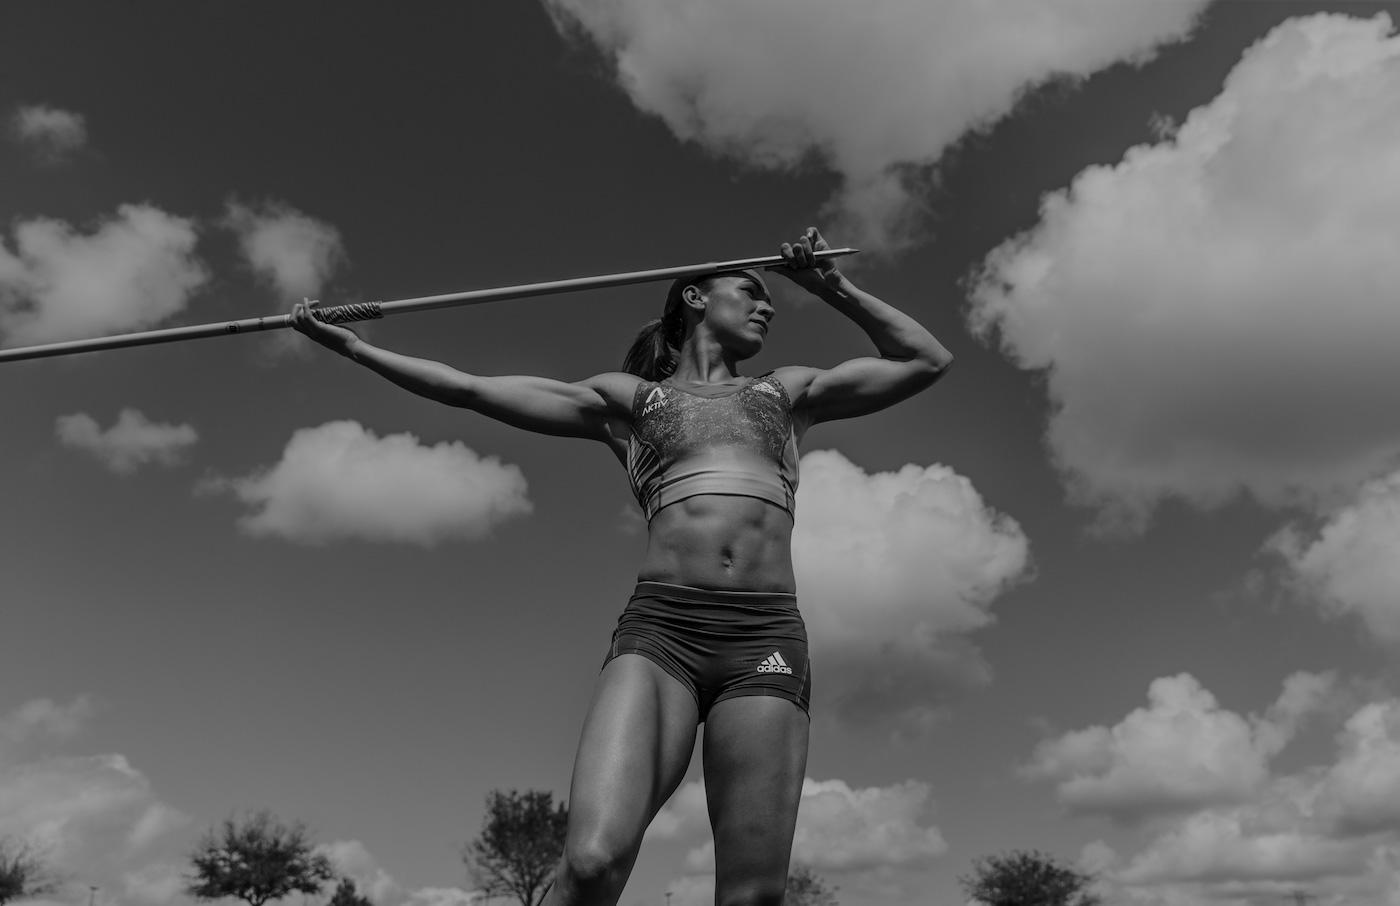 RAFAELASTORGA_JESSICA_ENNIS-HILL_IAAF215_0182.jpg